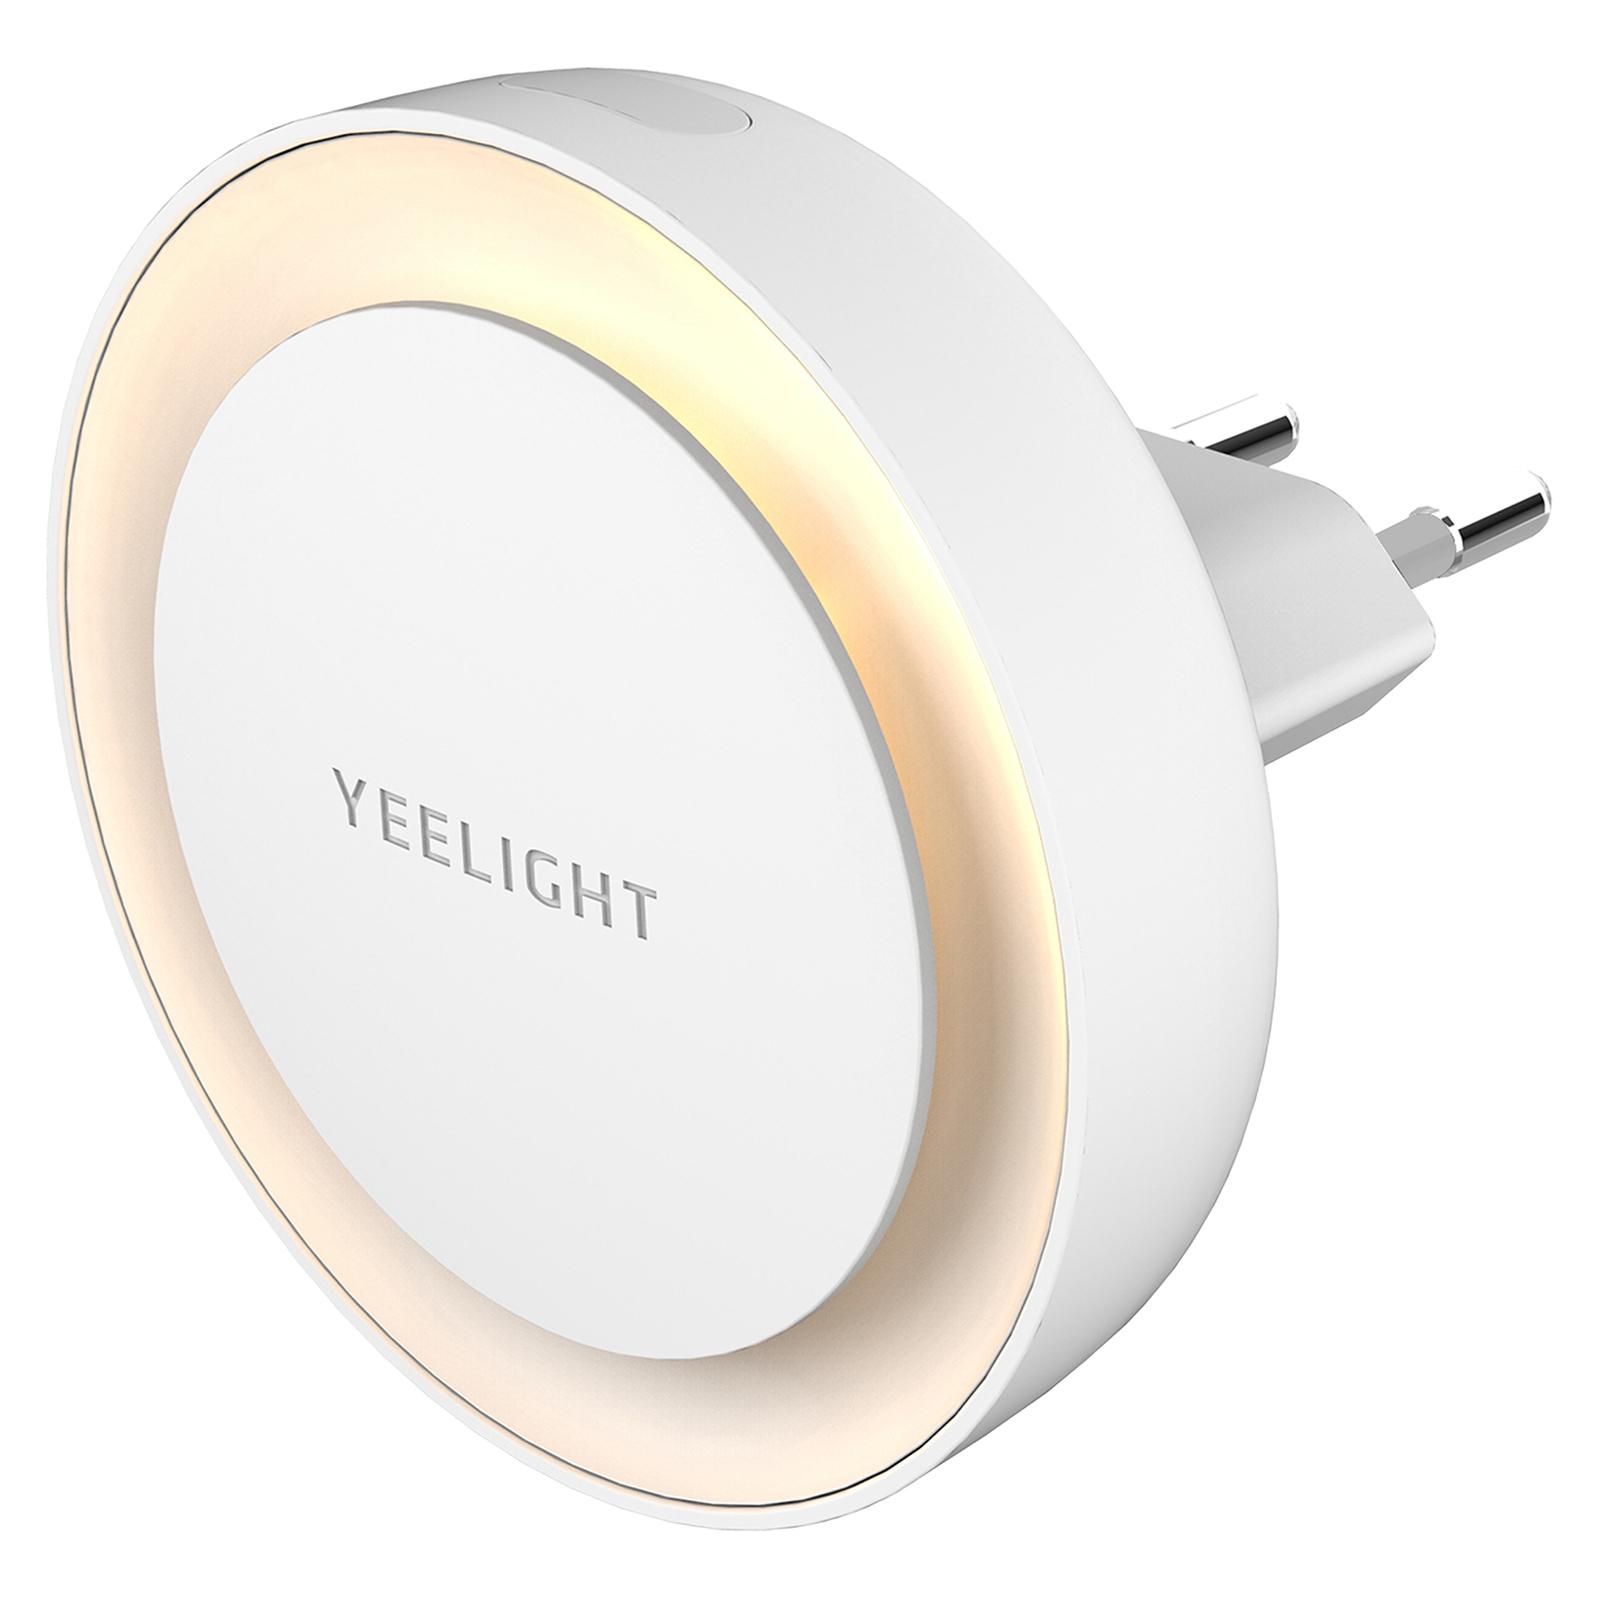 Yeelight Sensor-Nachtlicht für die Steckdose